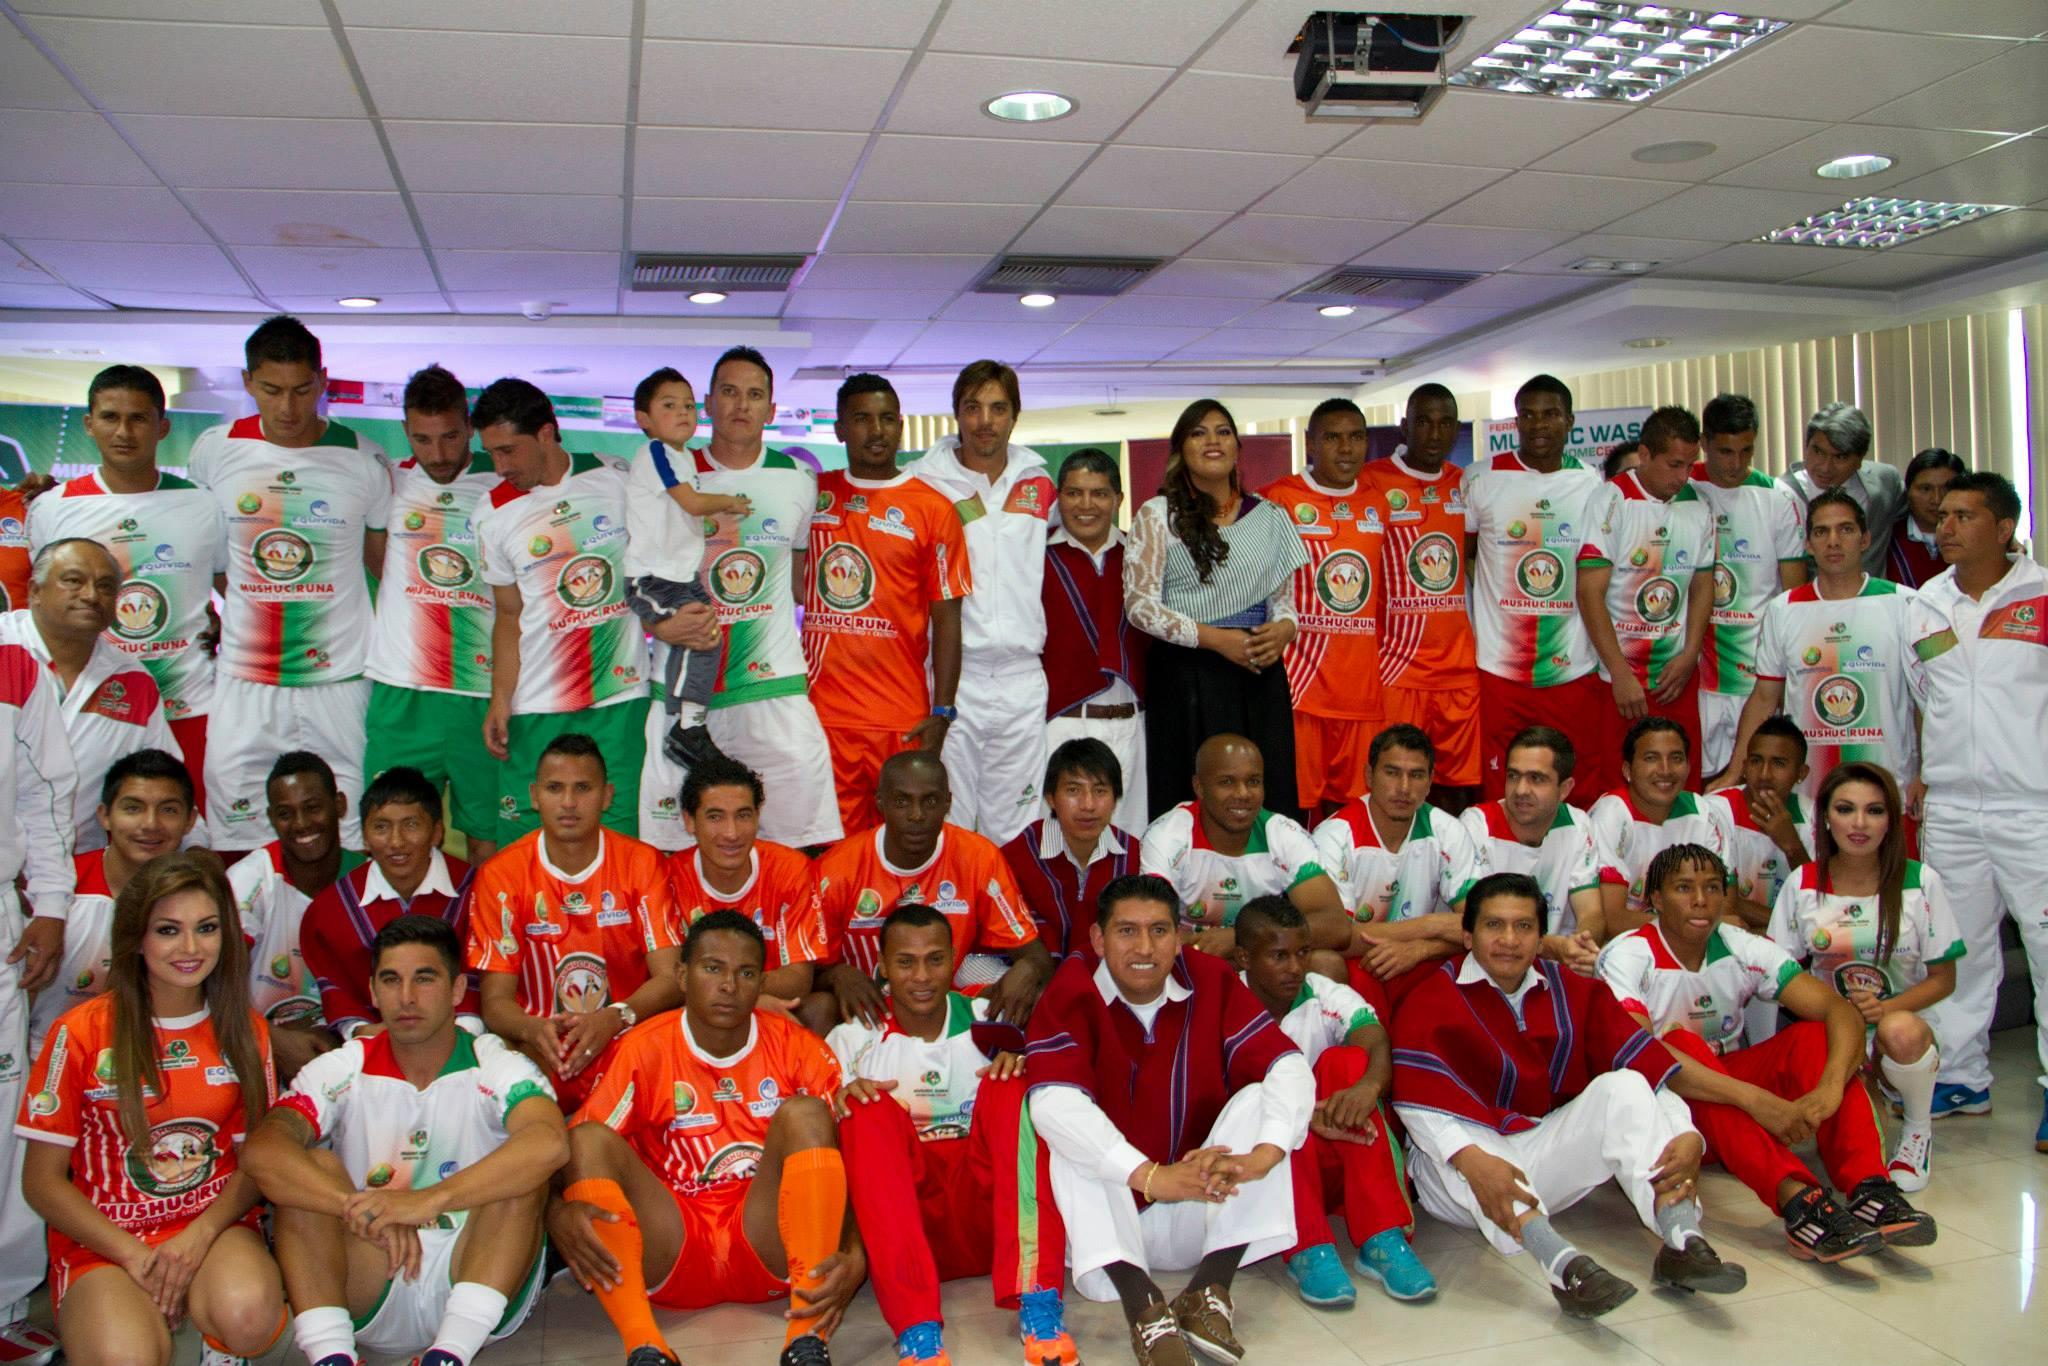 180.-Mushuc-Runa-equipo-indigena-futbol-2.jpg